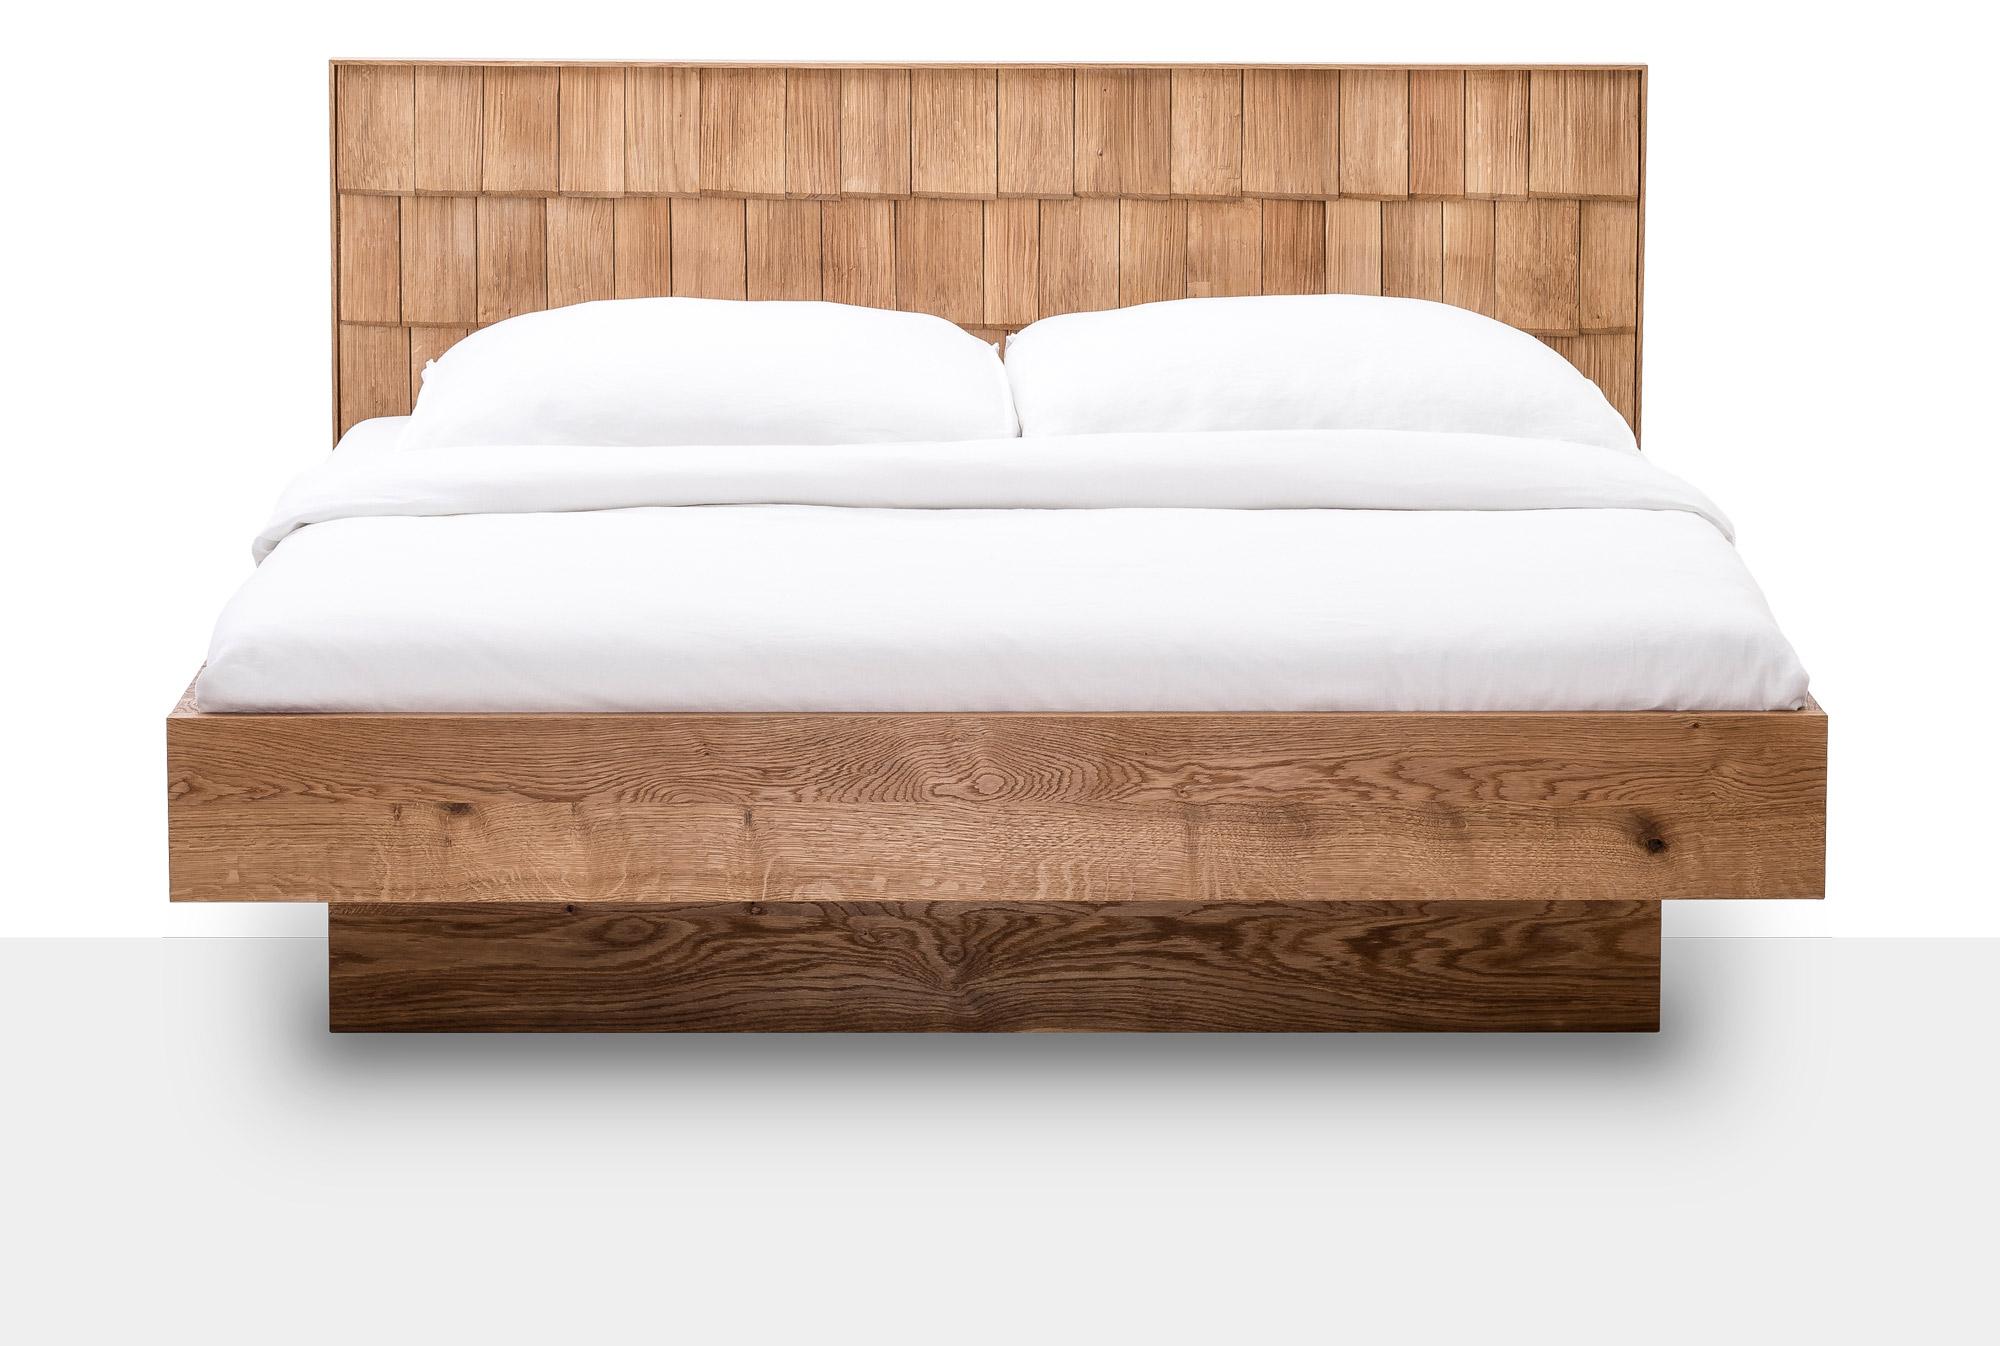 Full Size of Anno Schindel Bett Leander 200x200 Komforthöhe Kiefer 90x200 Dico Betten Schwebendes Stapelbar Weiß Kingsize Günstig Kaufen 180x200 Amerikanische 160x200 Bett Bett 200x180